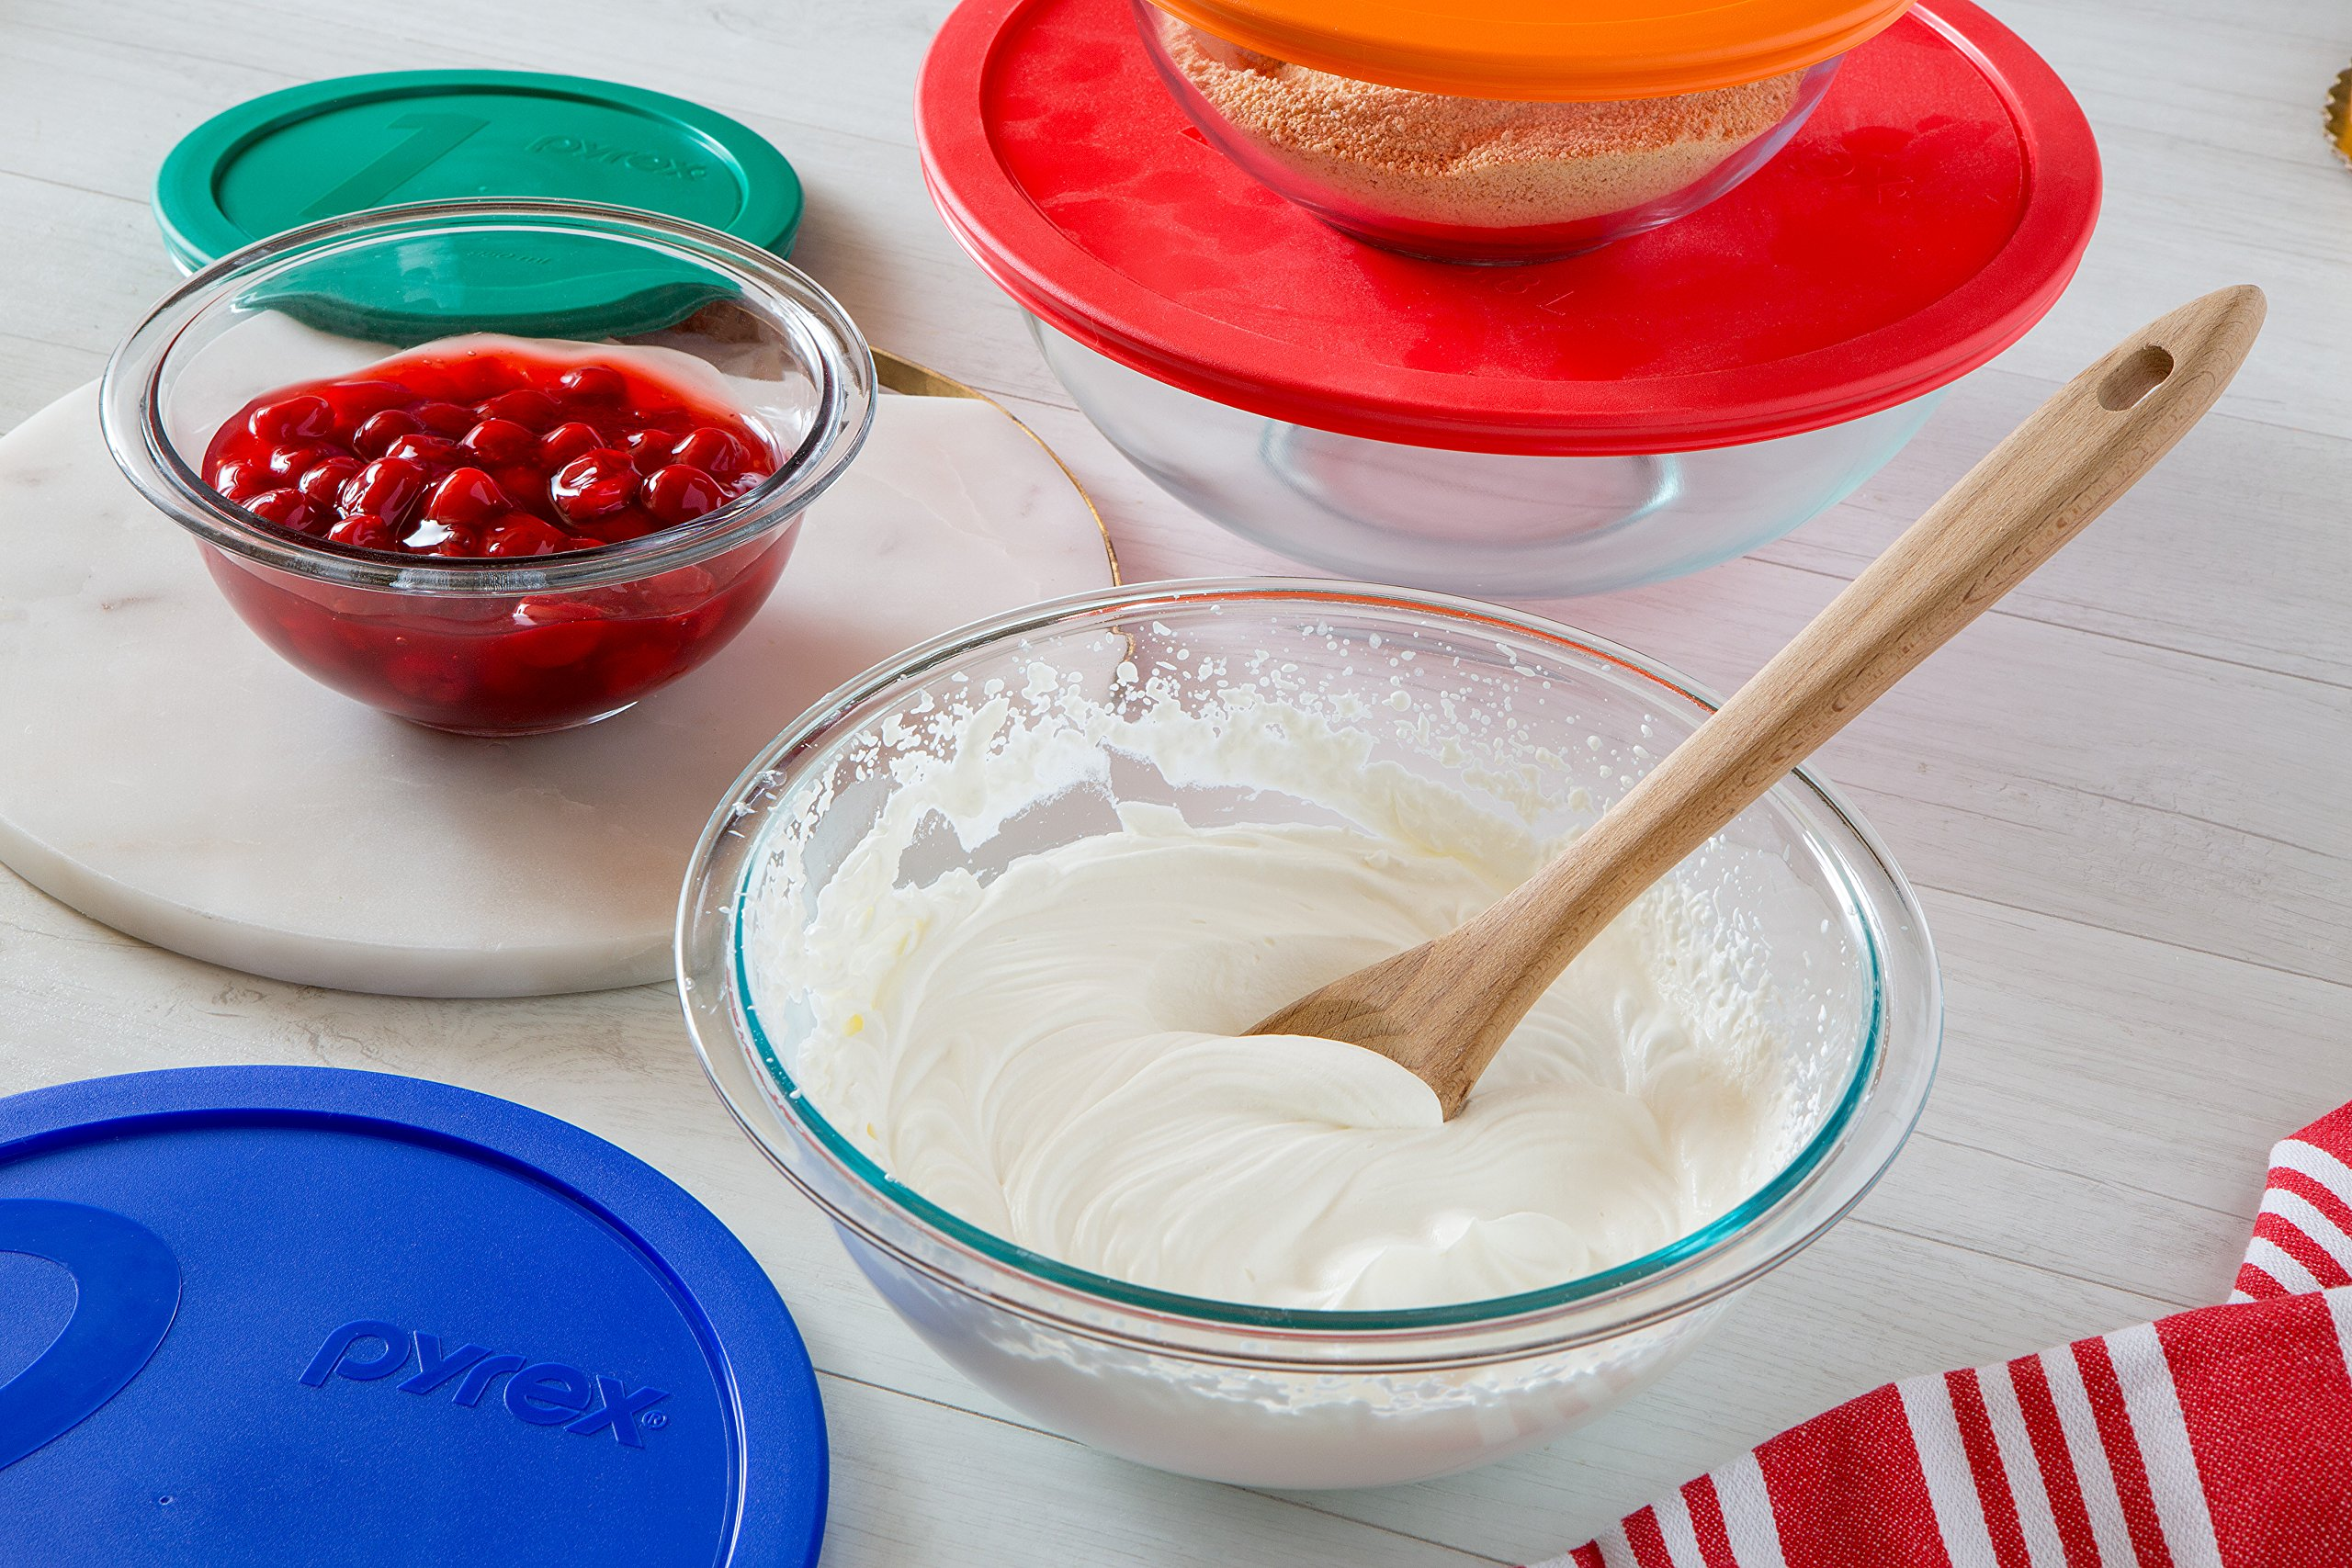 Pyrex Smart Essentials Glass Mixing Bowl Sets Instant Pot